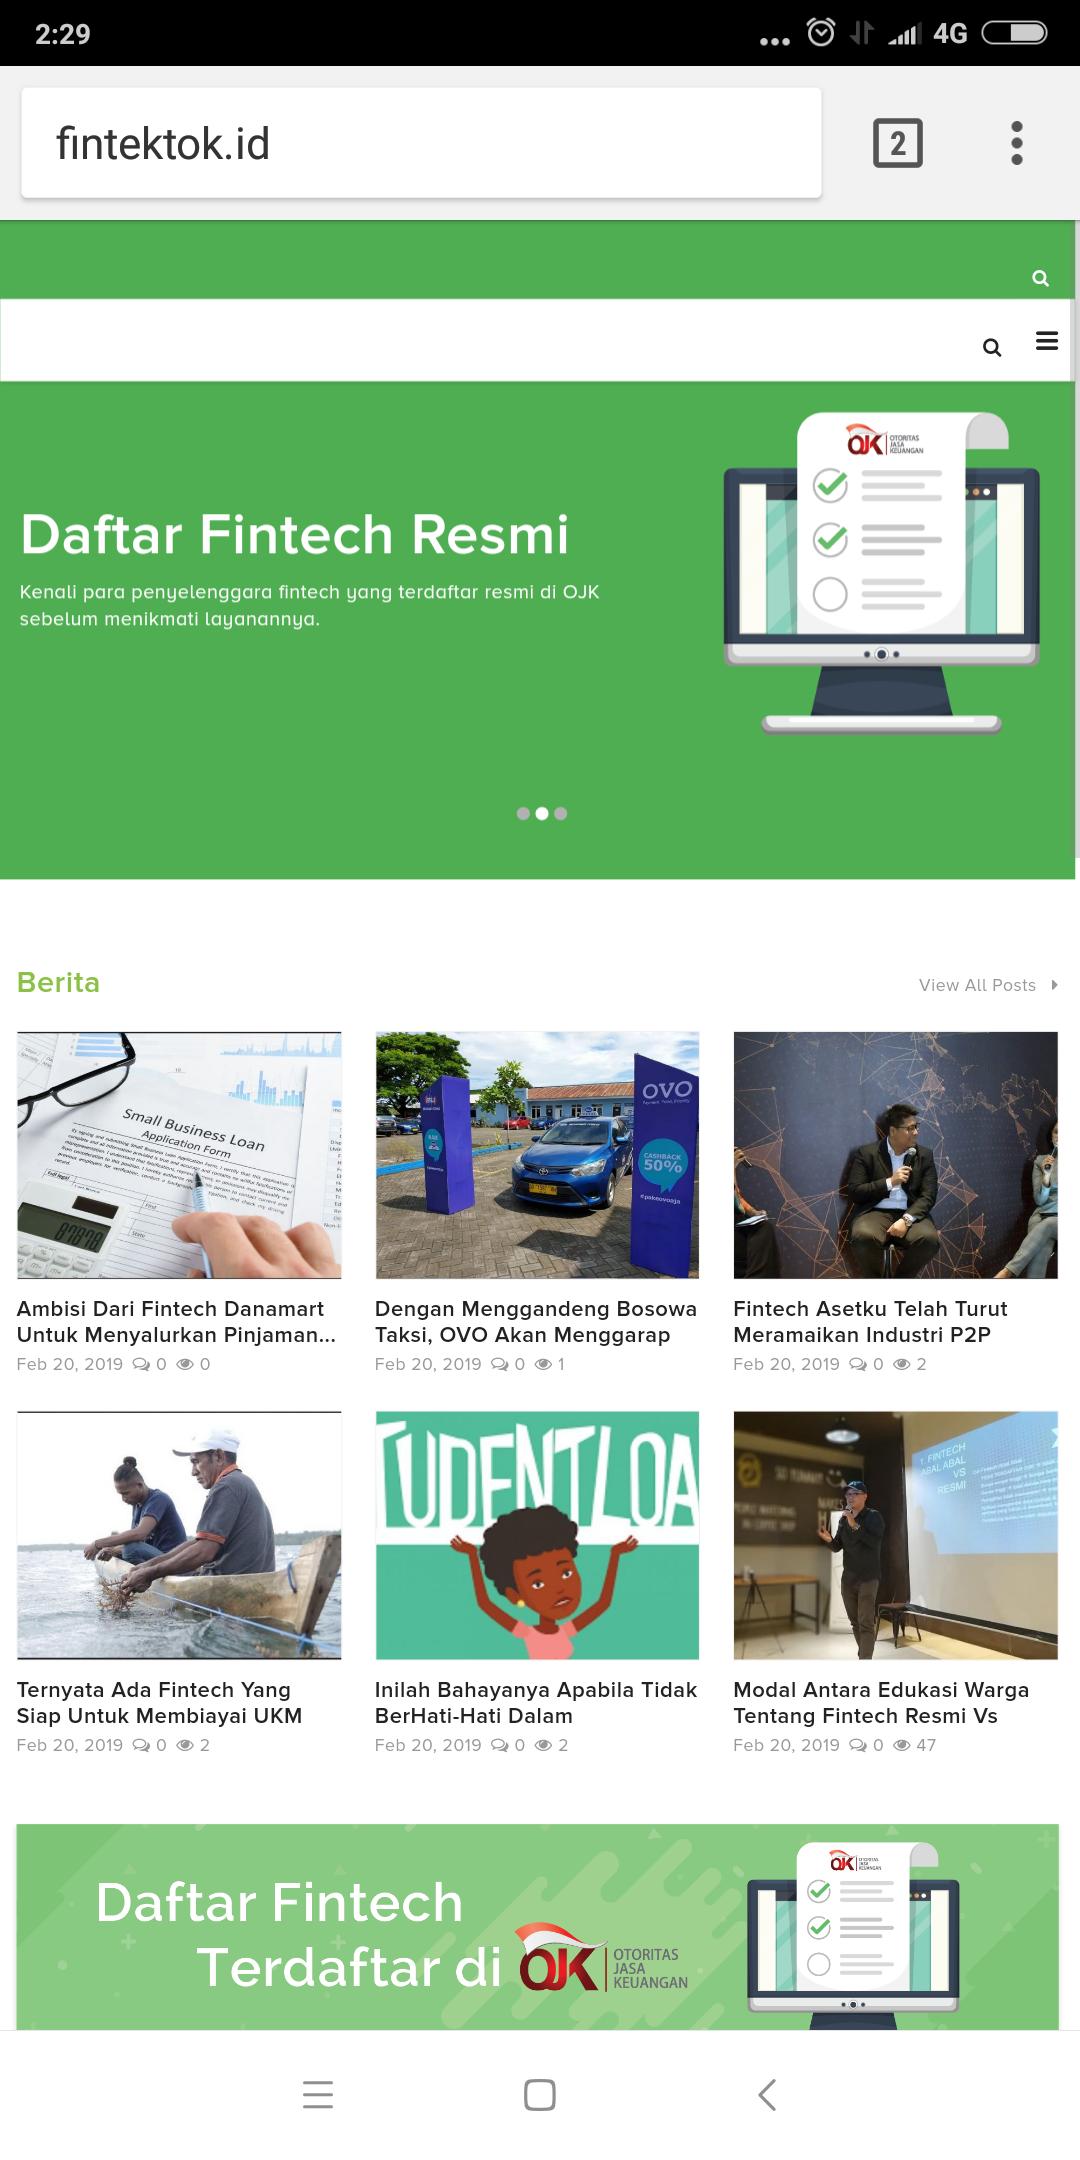 Cari tahu mengenai fintech di Fintektok.id